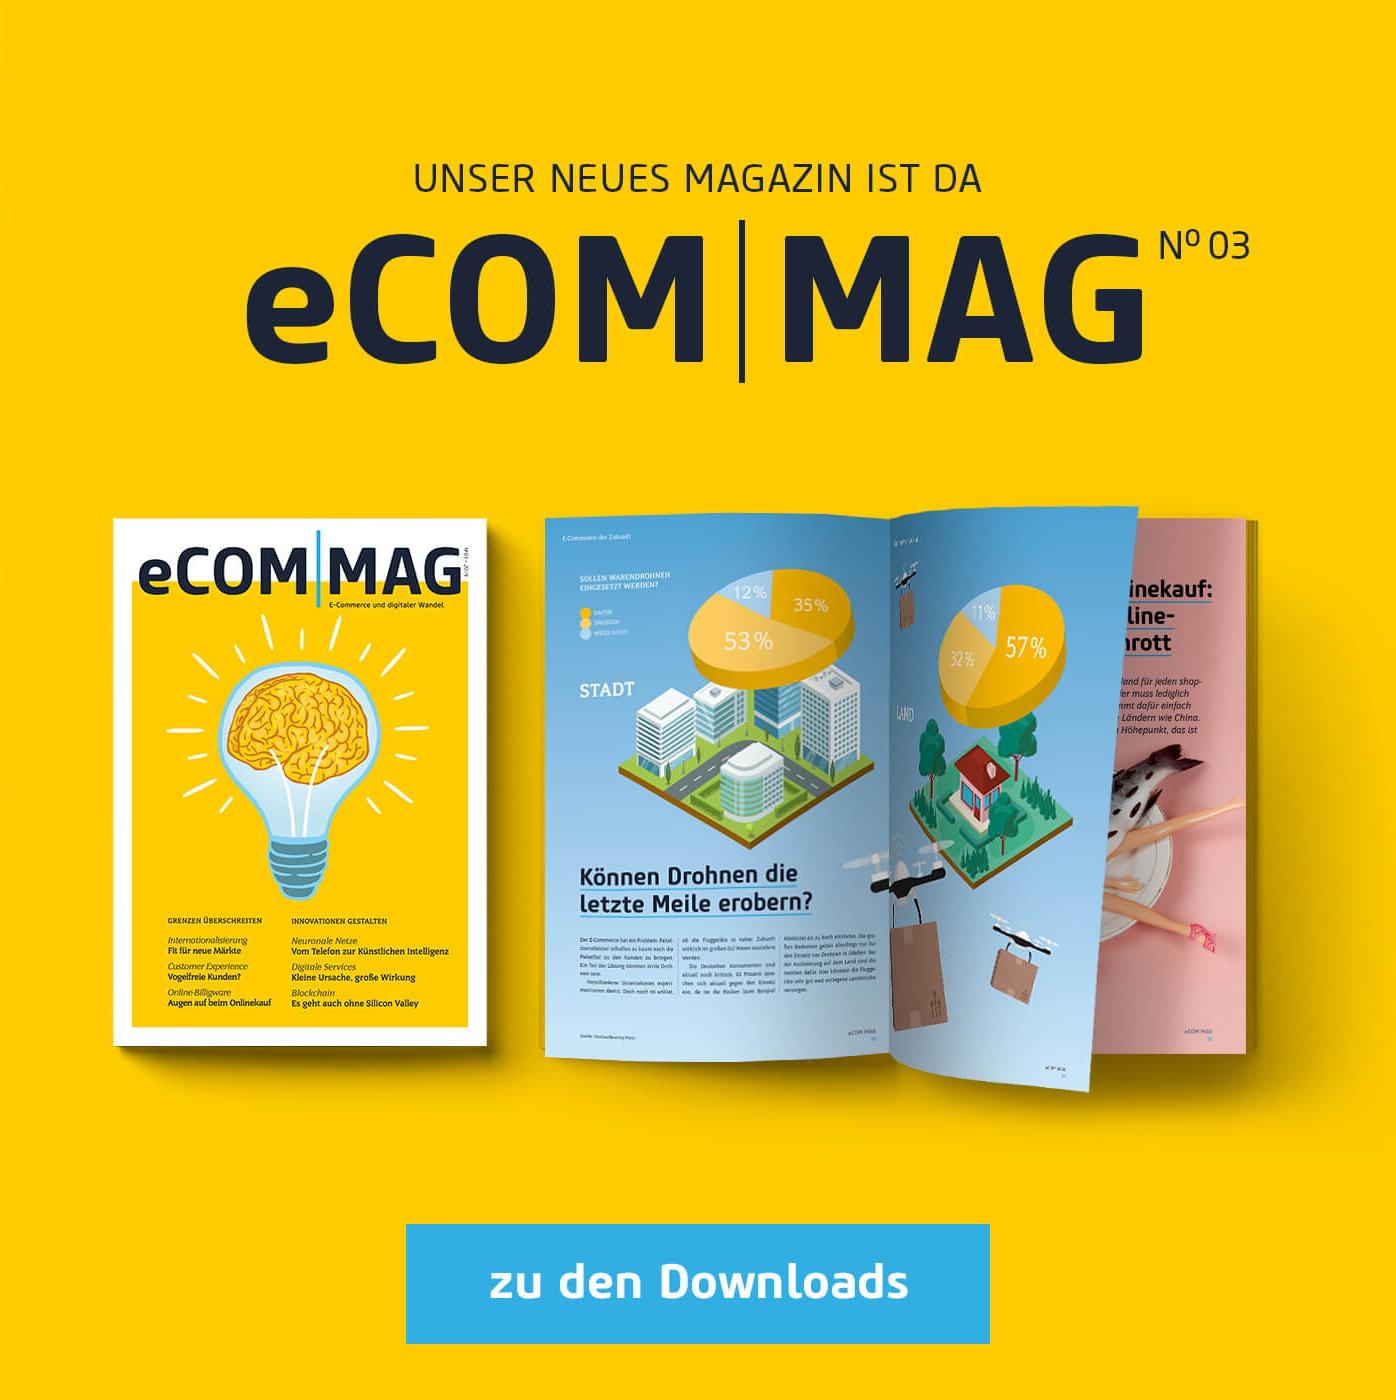 eCOM|MAG